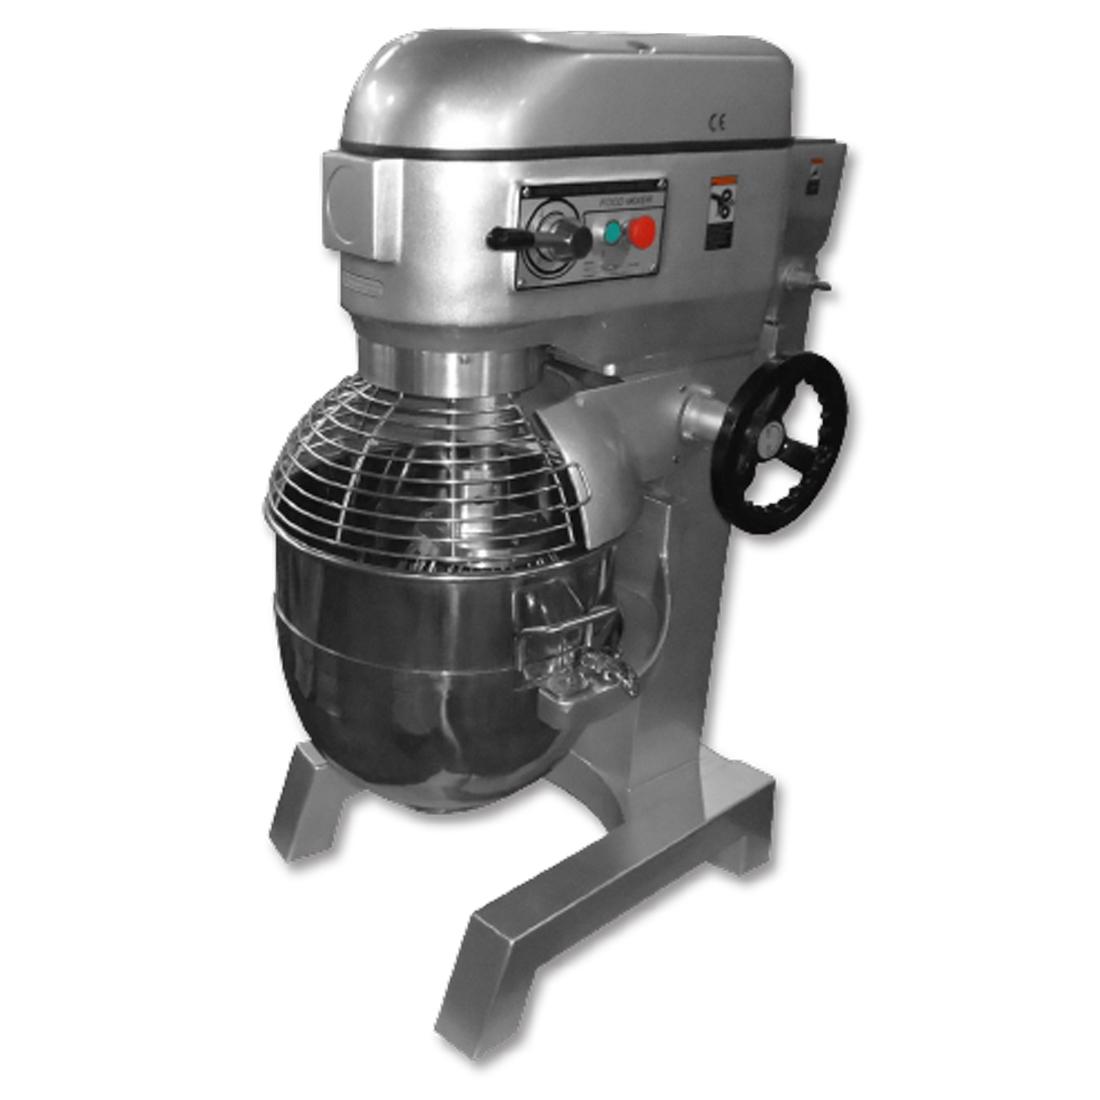 B40KG 40 Litre Gear Drive Three Speed Mixer